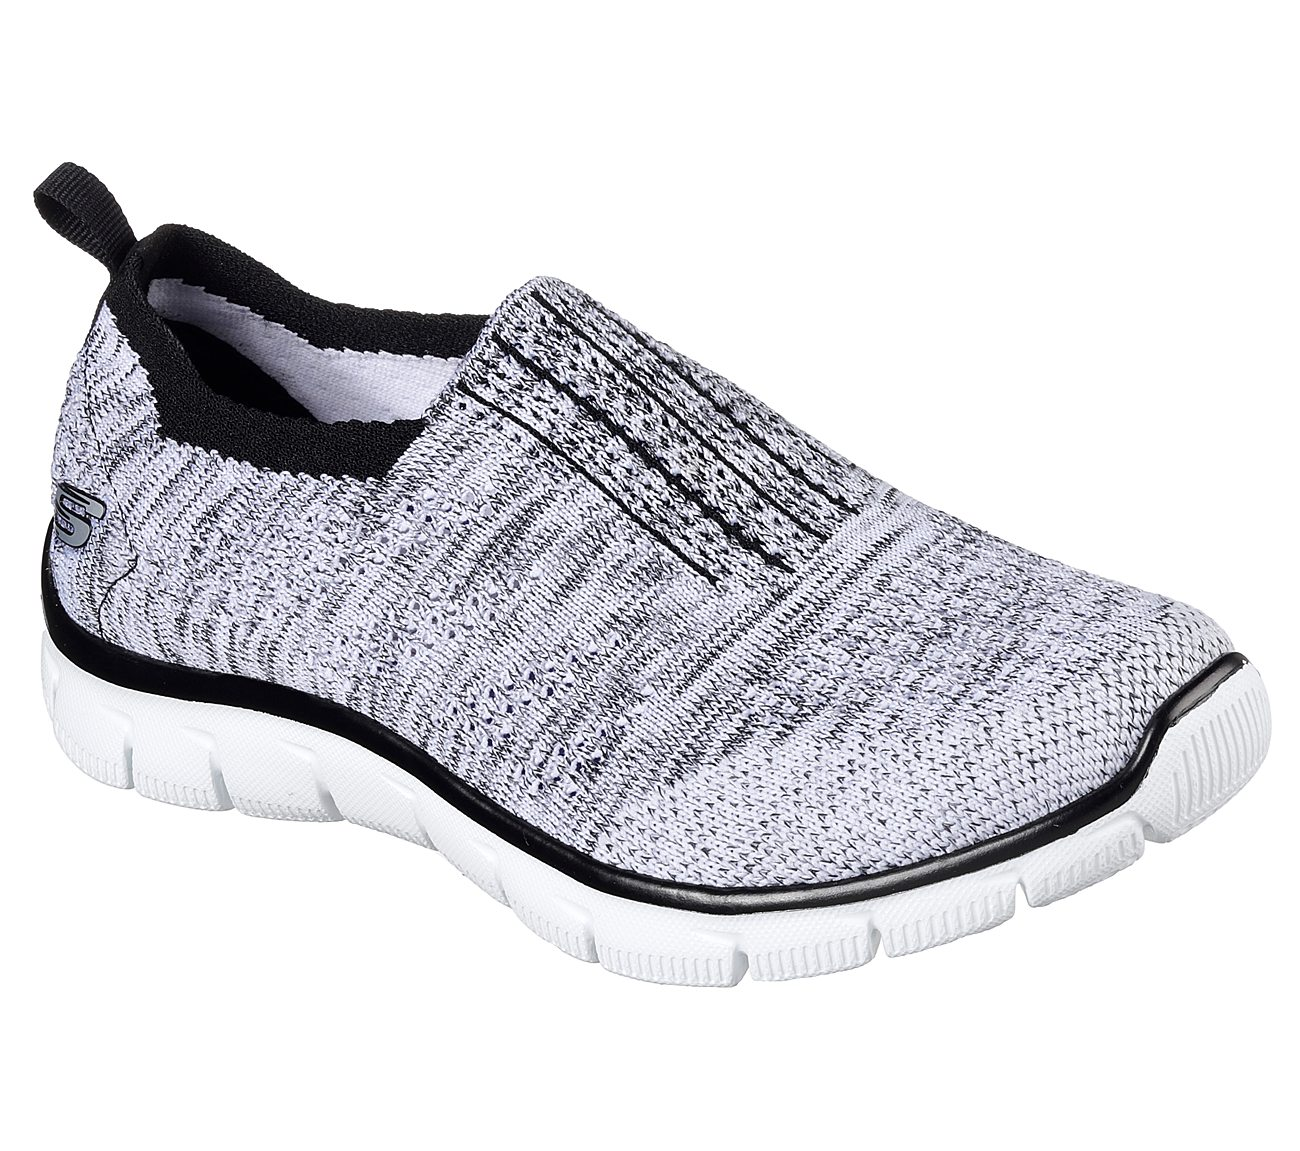 Skechers 12419WBK Women's Empire - Inside Look - Walking Shoes